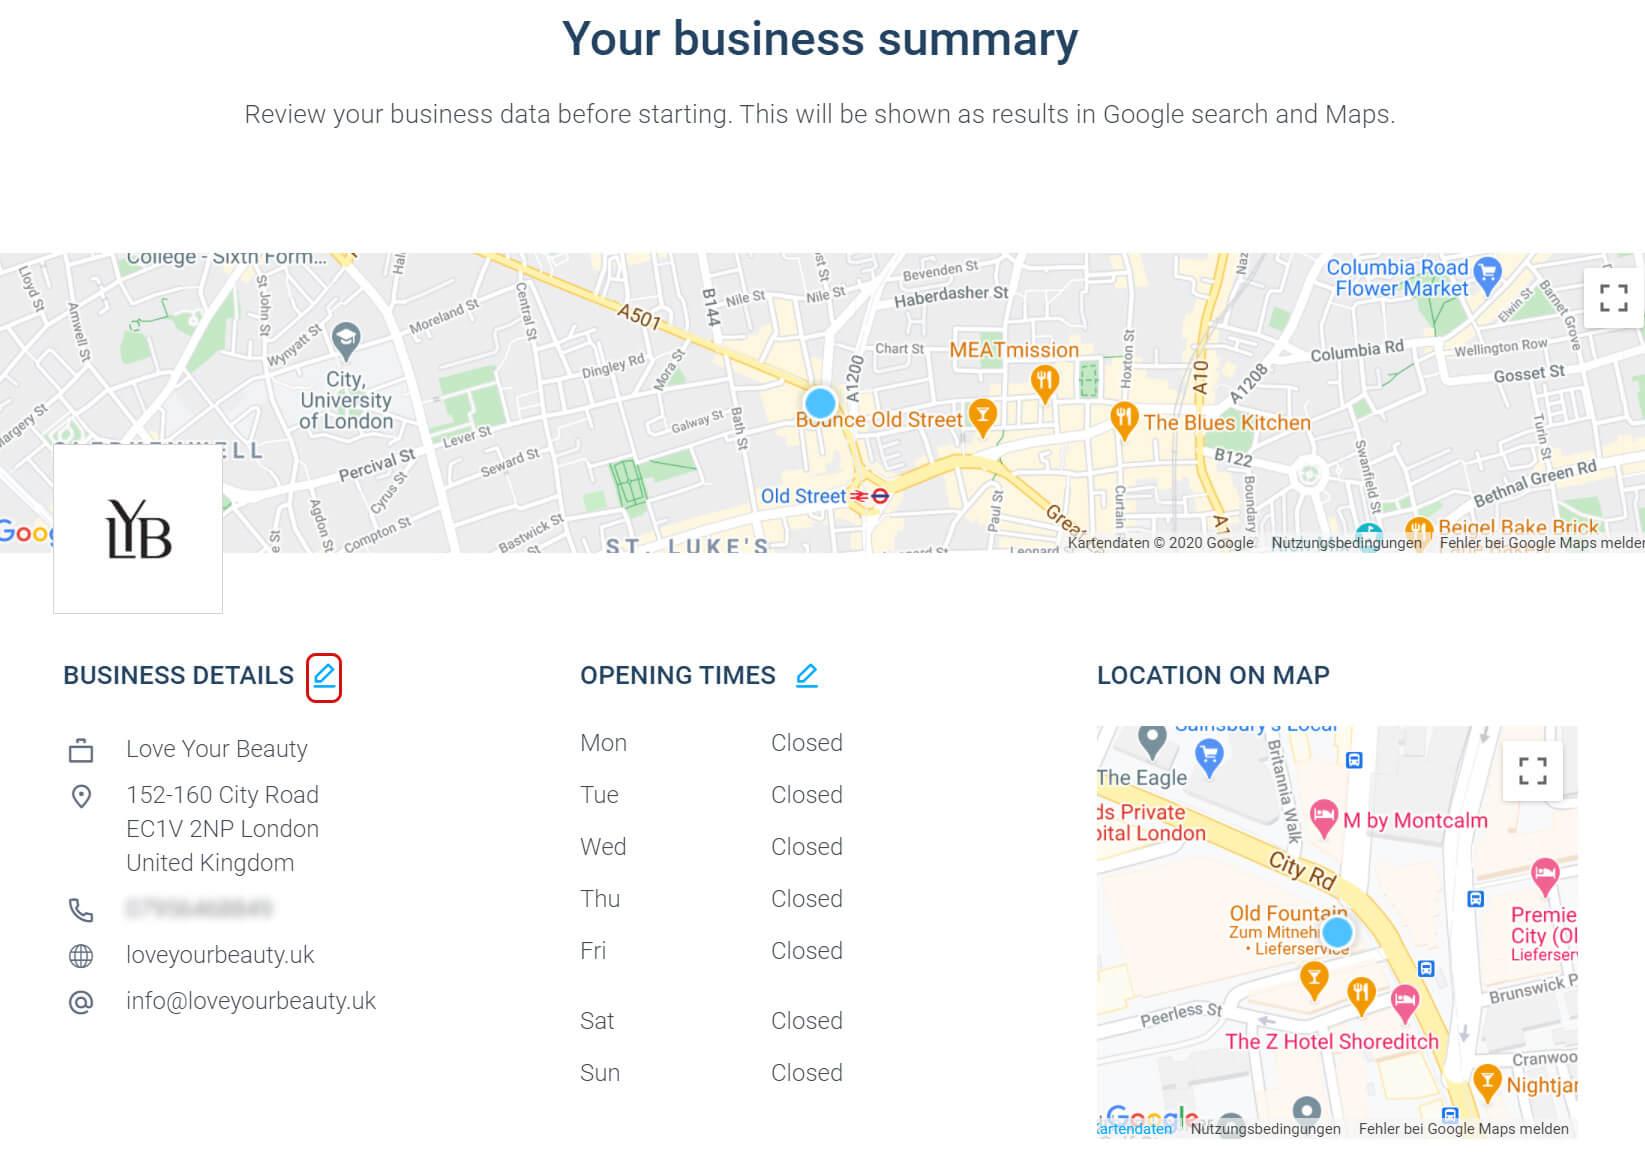 Edit Business details